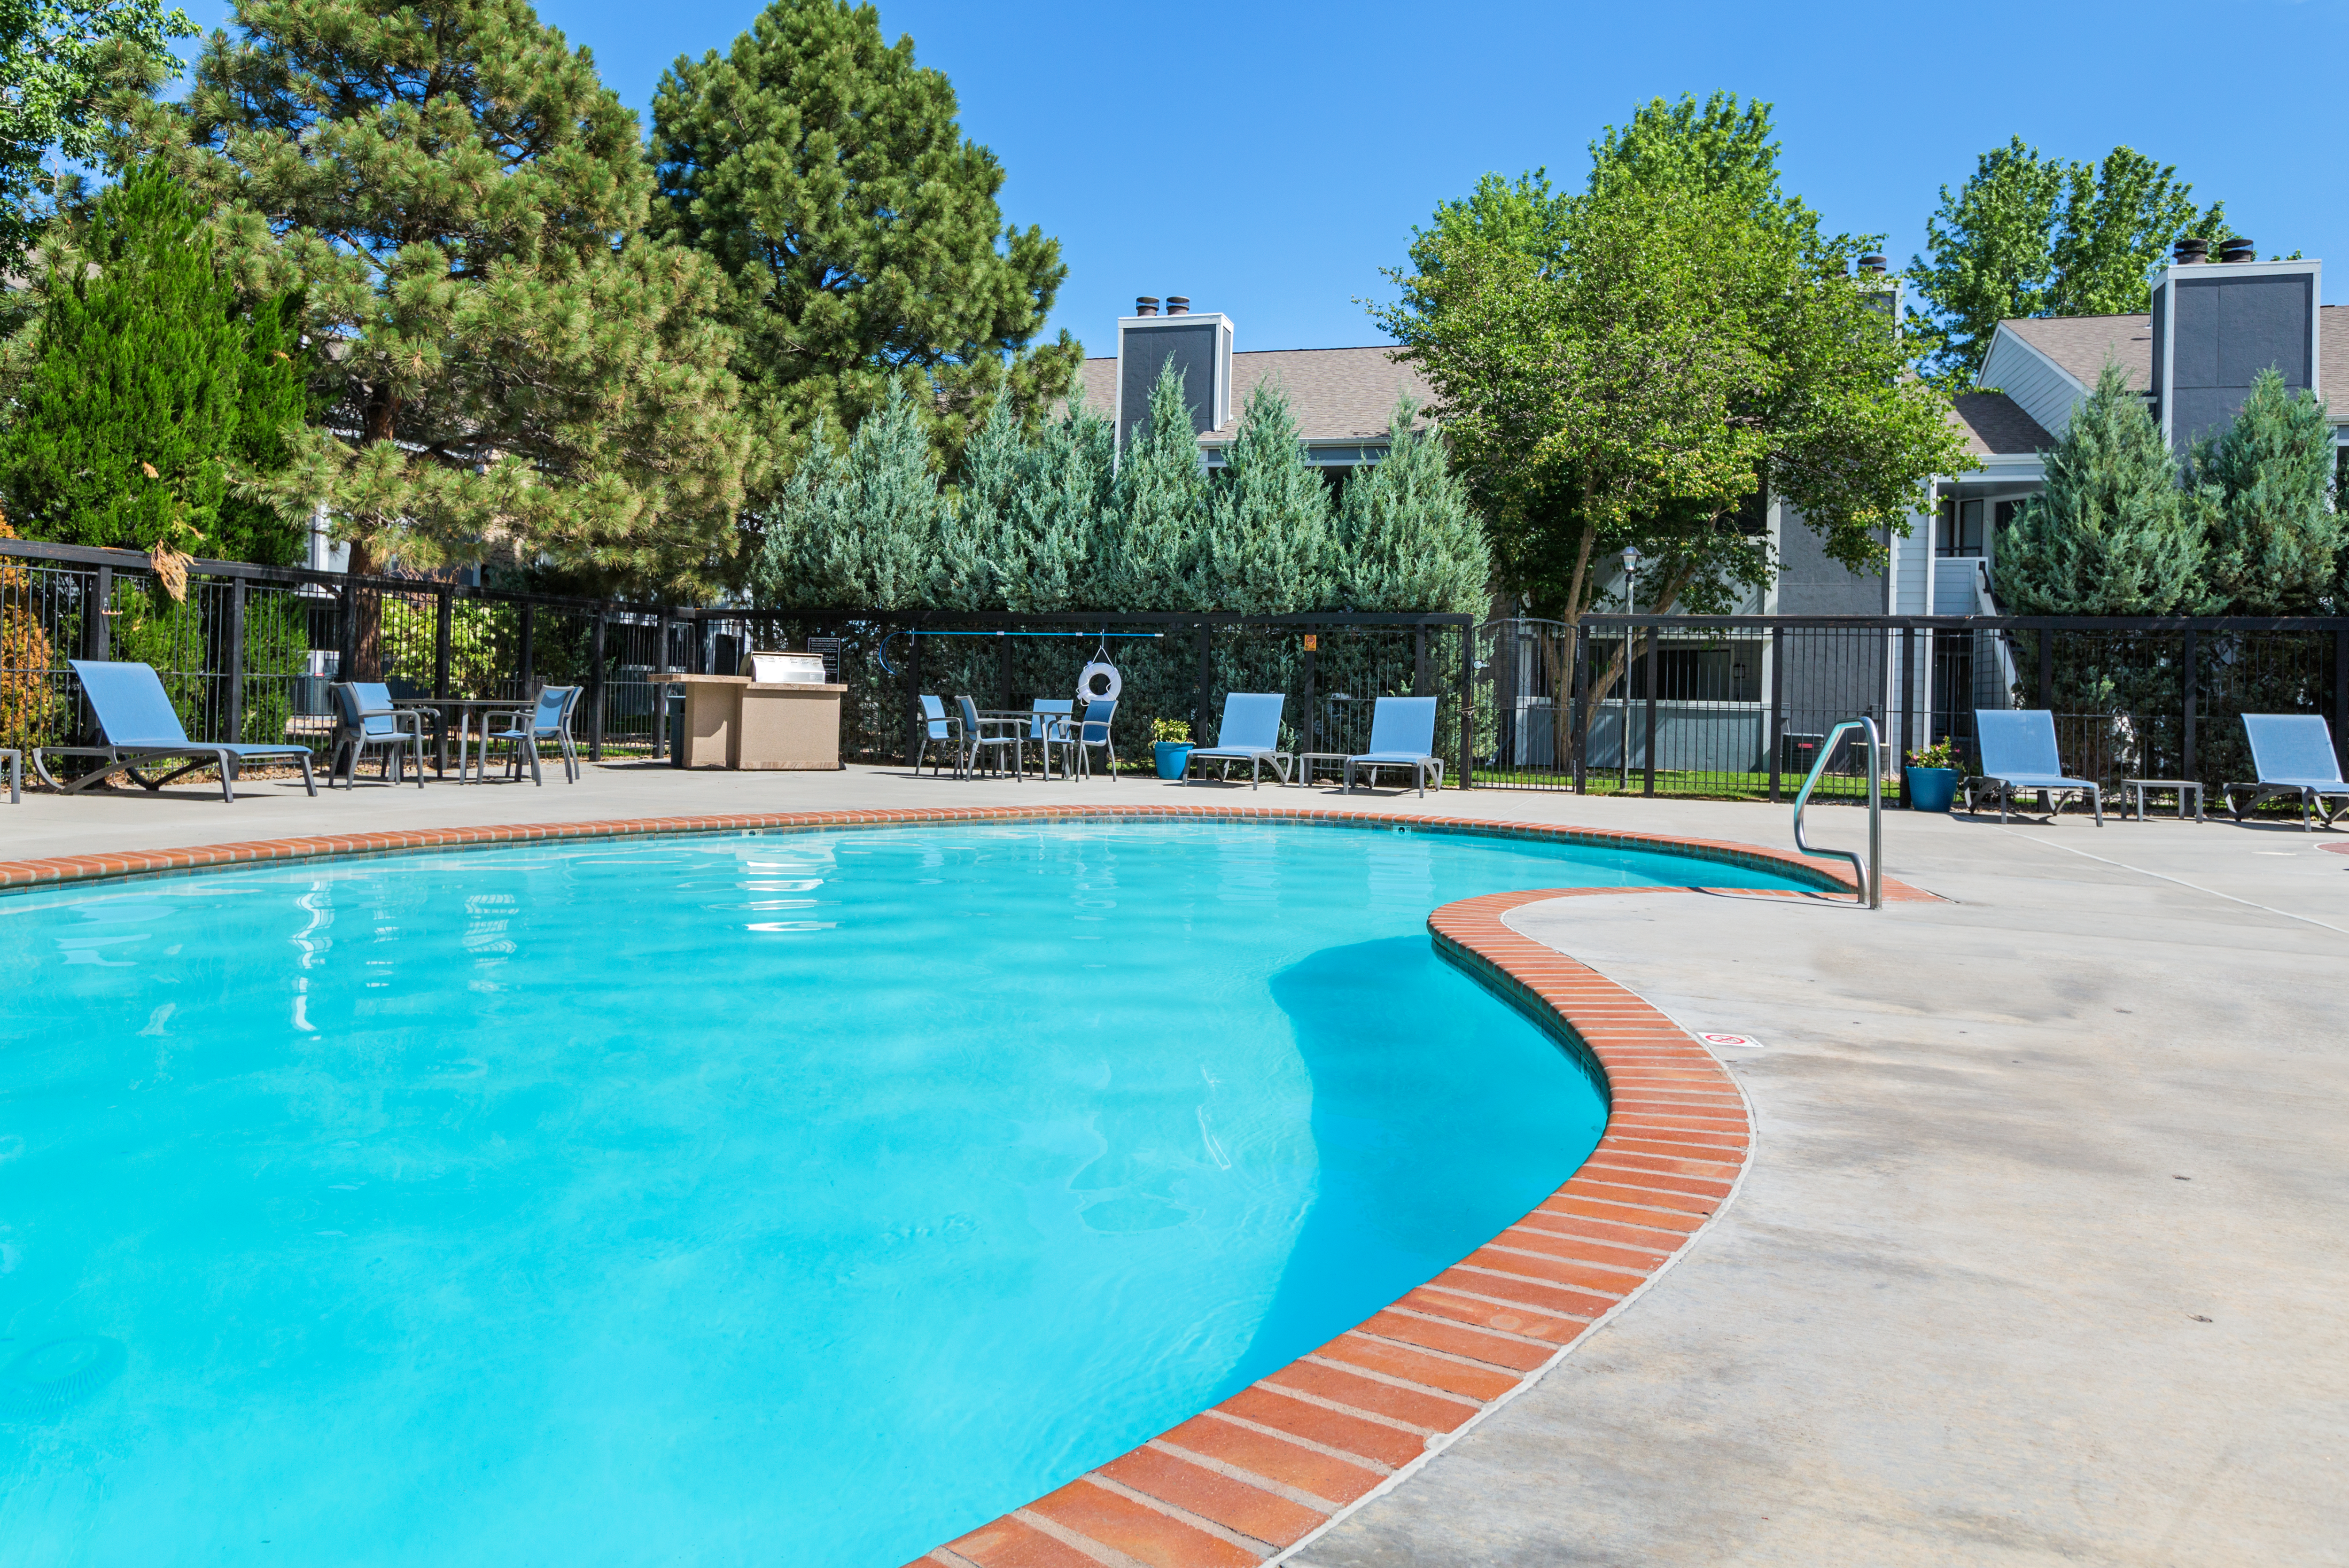 Cheyenne Crest Apartments